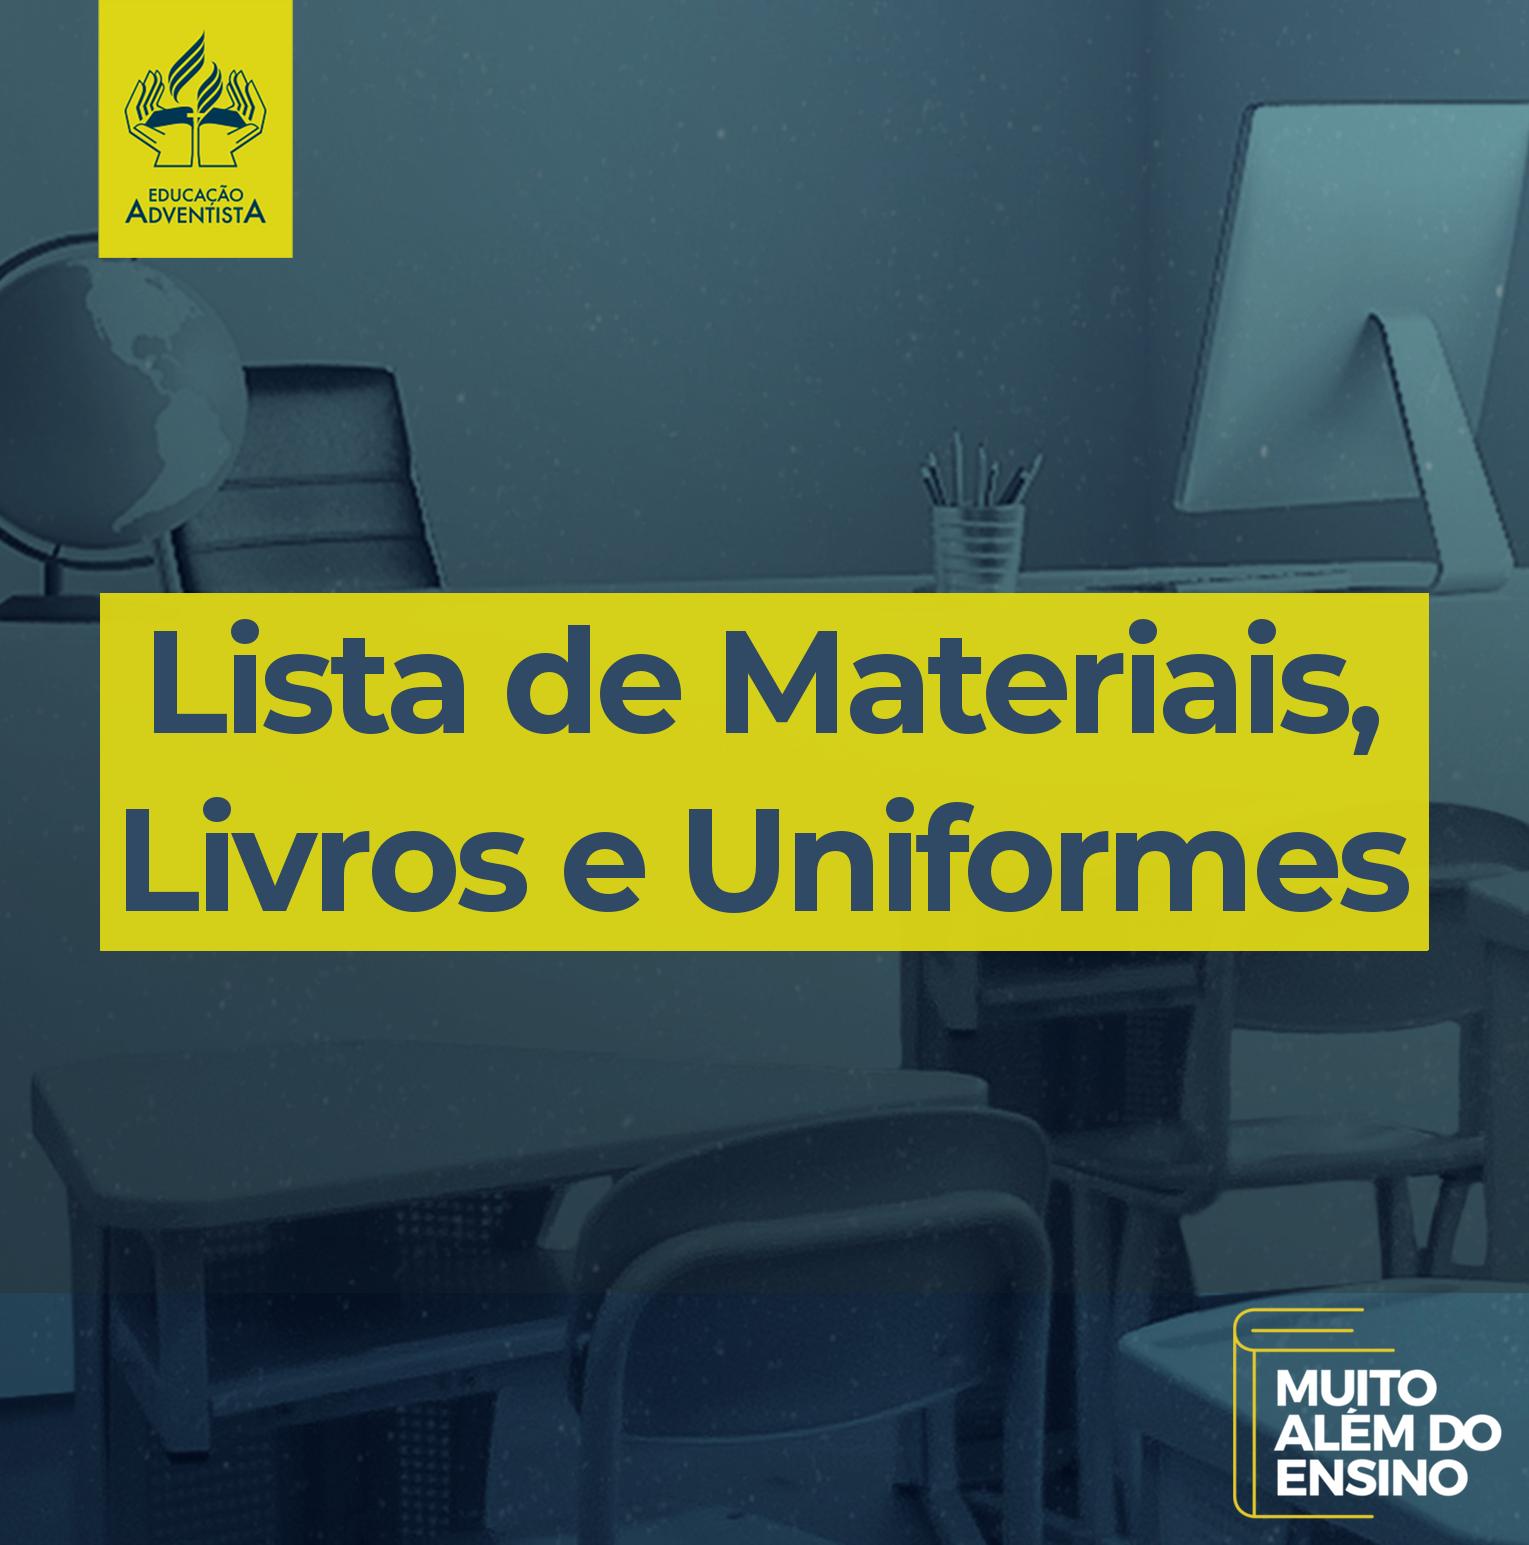 Lista de Materiais, Livros e Uniformes